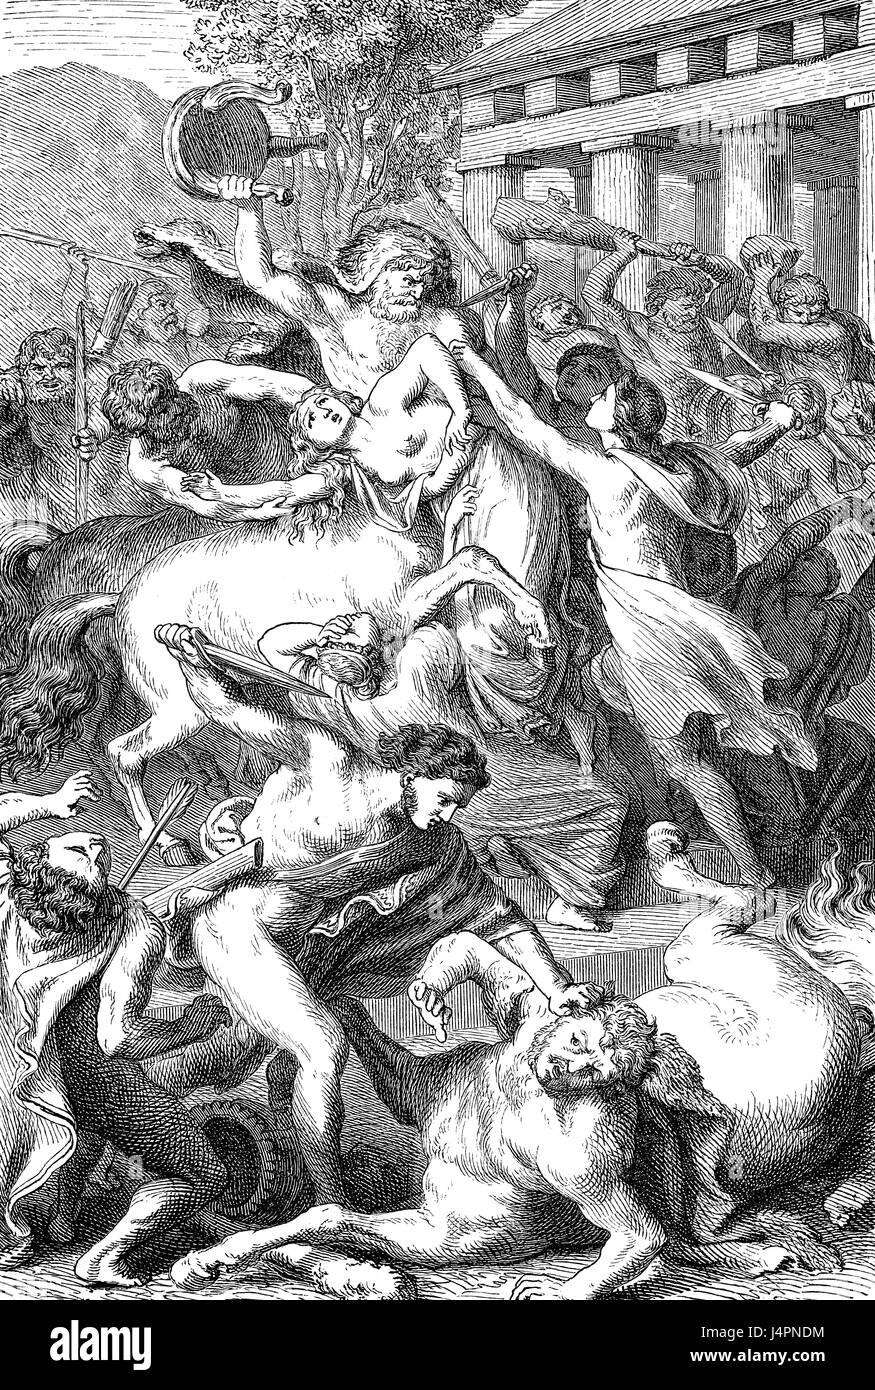 Kampf der Kentauren und Lapiths, alten griechischen Mythos Stockbild